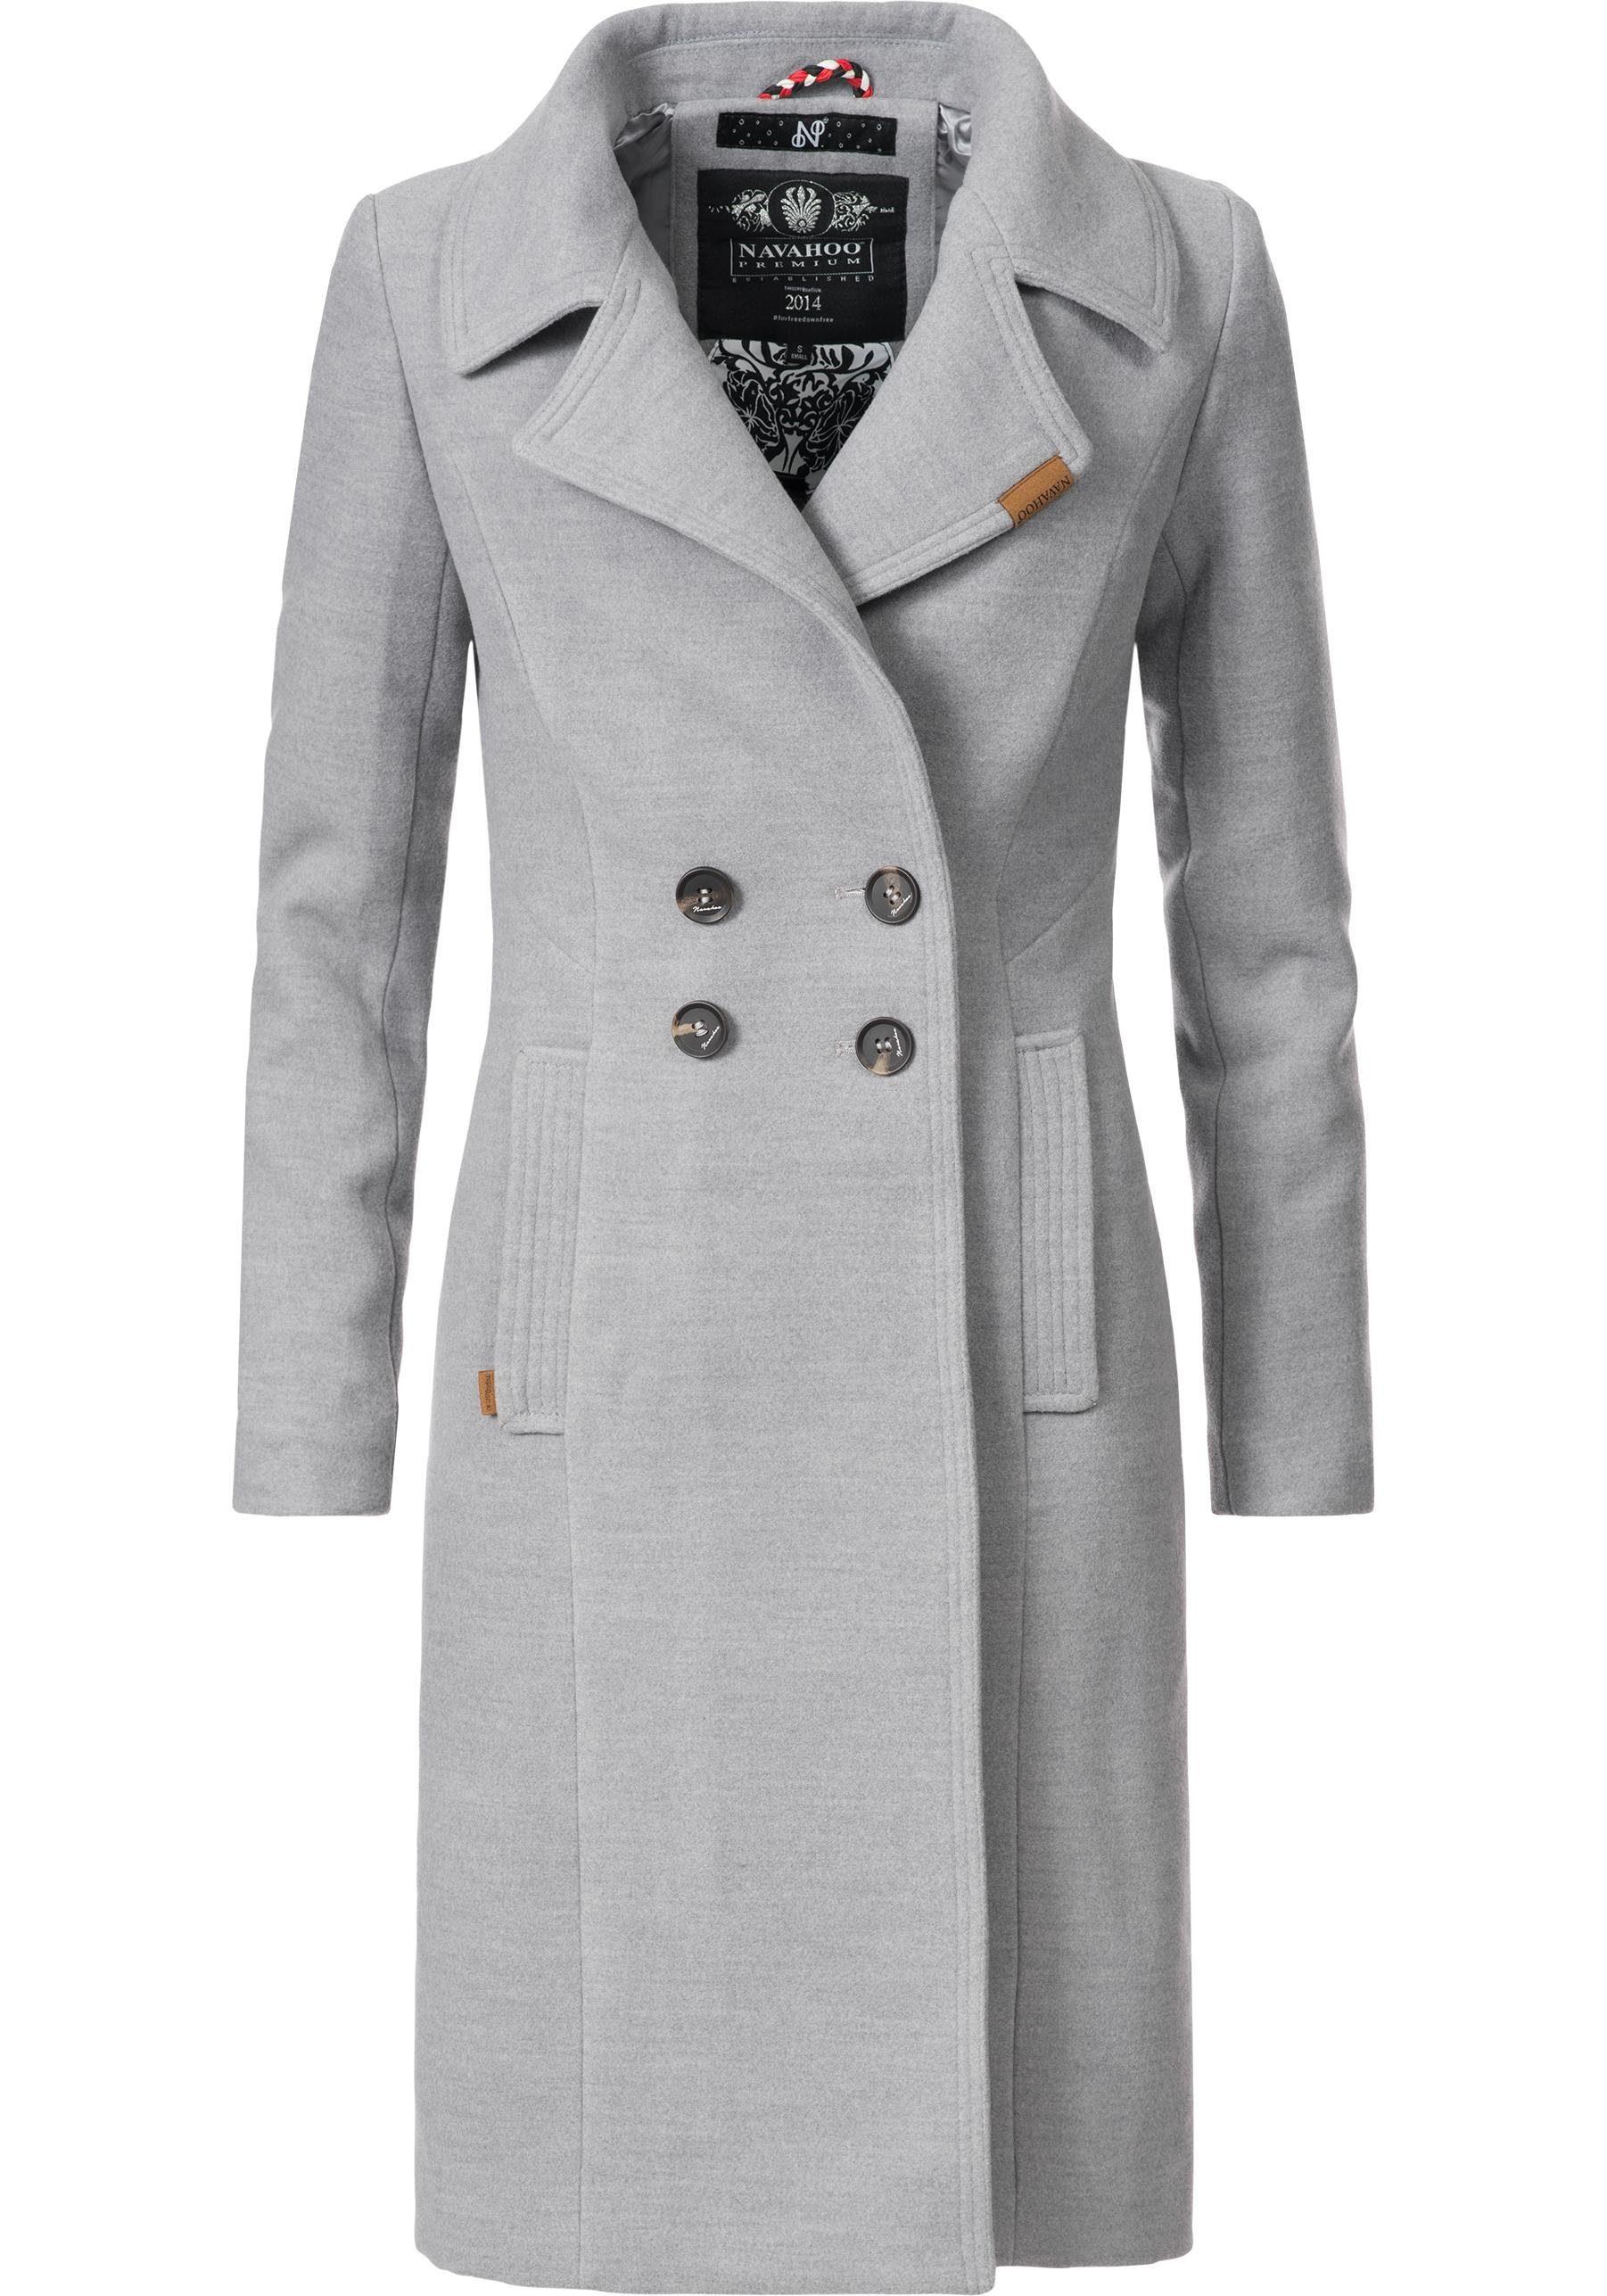 Navahoo Wintermantel »Wooly« edler Damen Trenchcoat in Wollmantel Optik online kaufen   OTTO